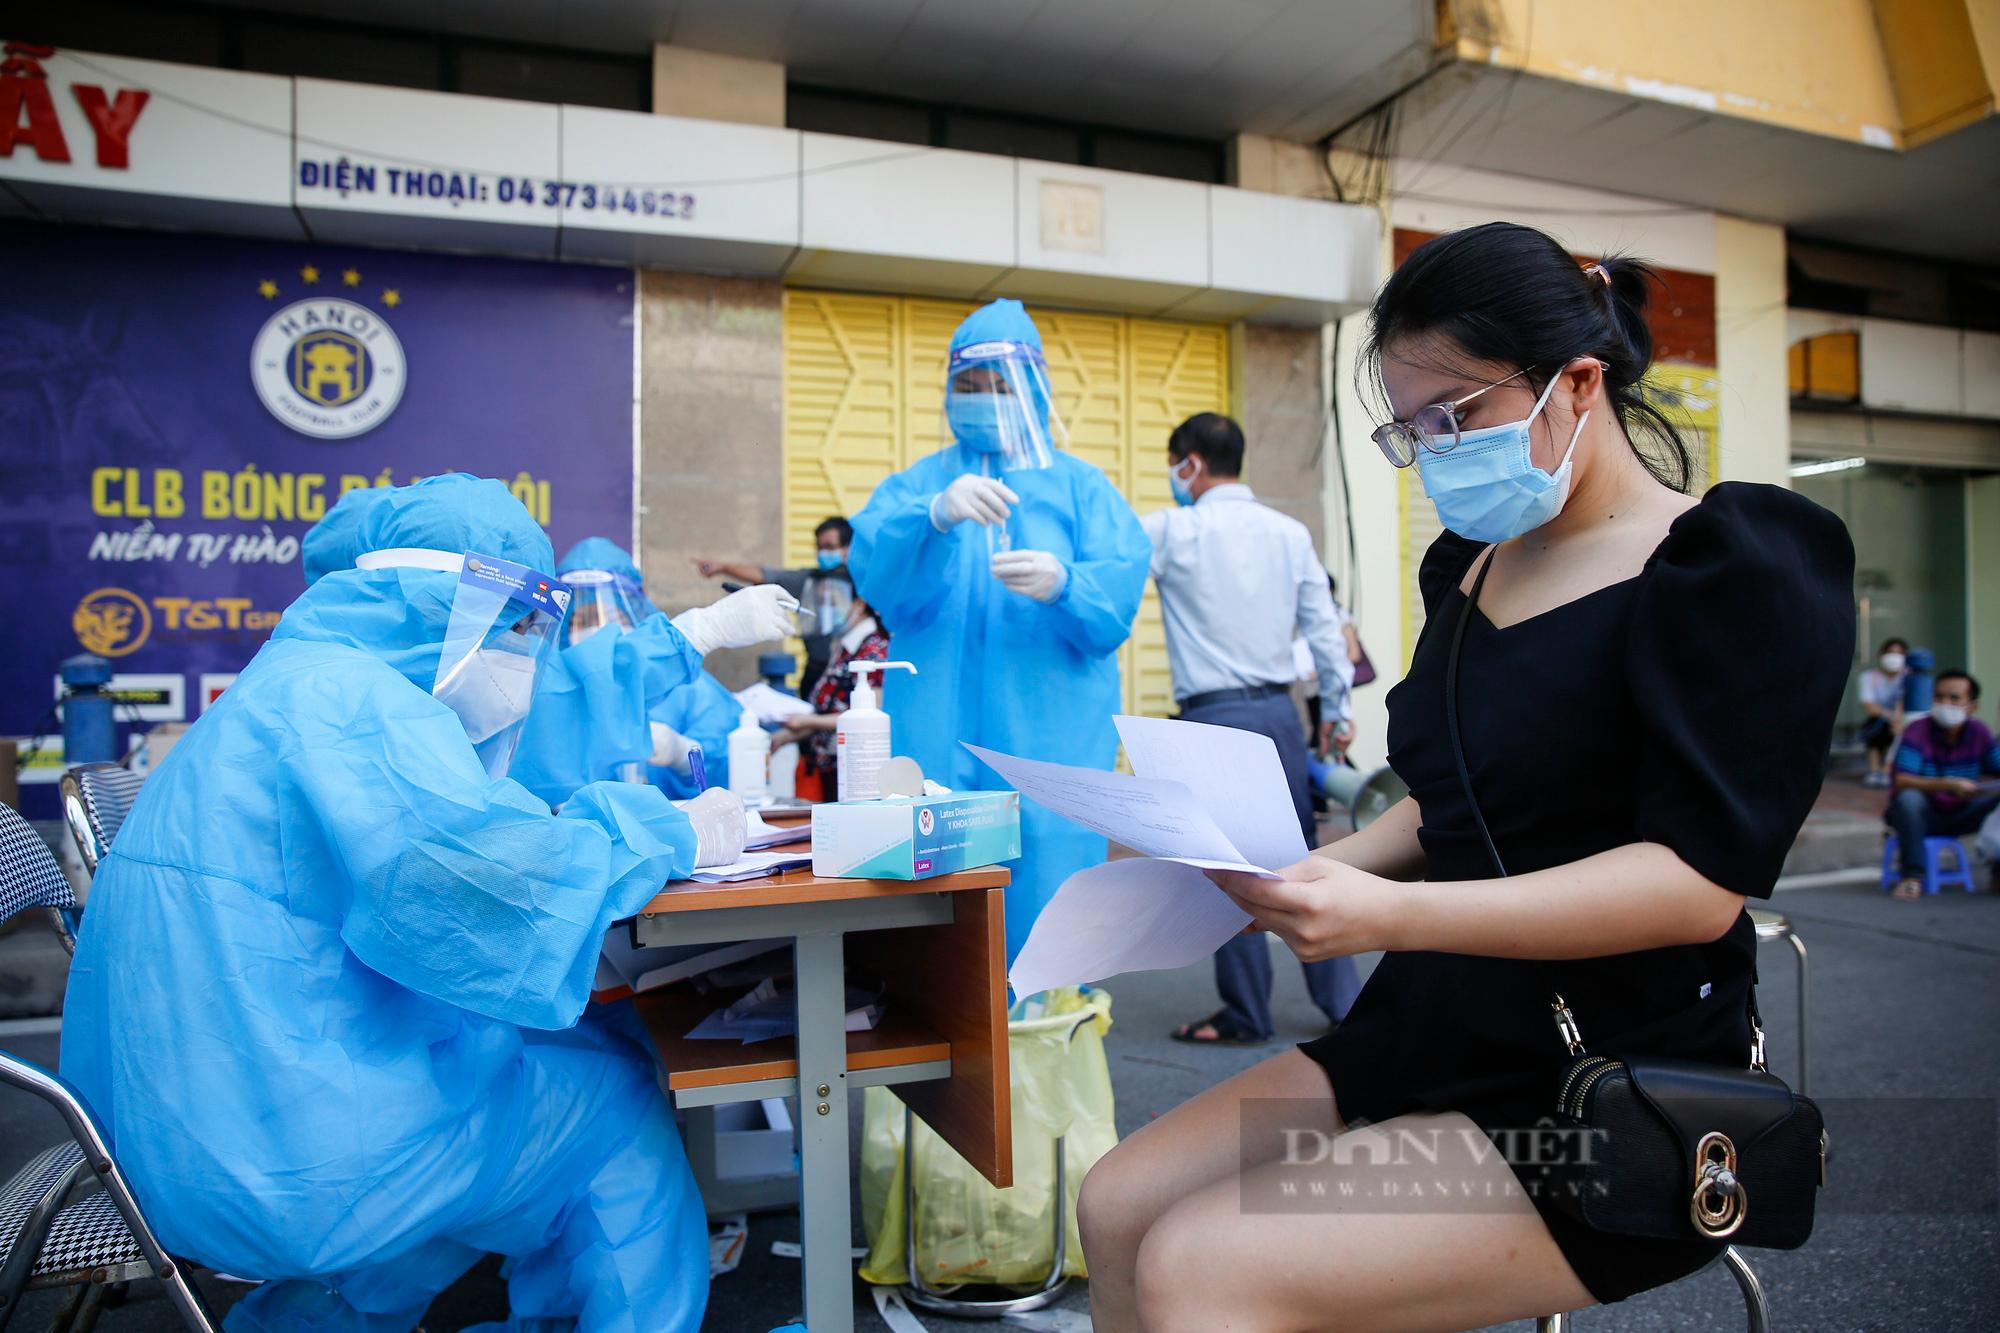 """Cận cảnh quy trình tiêm vaccine Covid-19 """"2 trong 1"""" đầu tiên ở Hà Nội - Ảnh 5."""